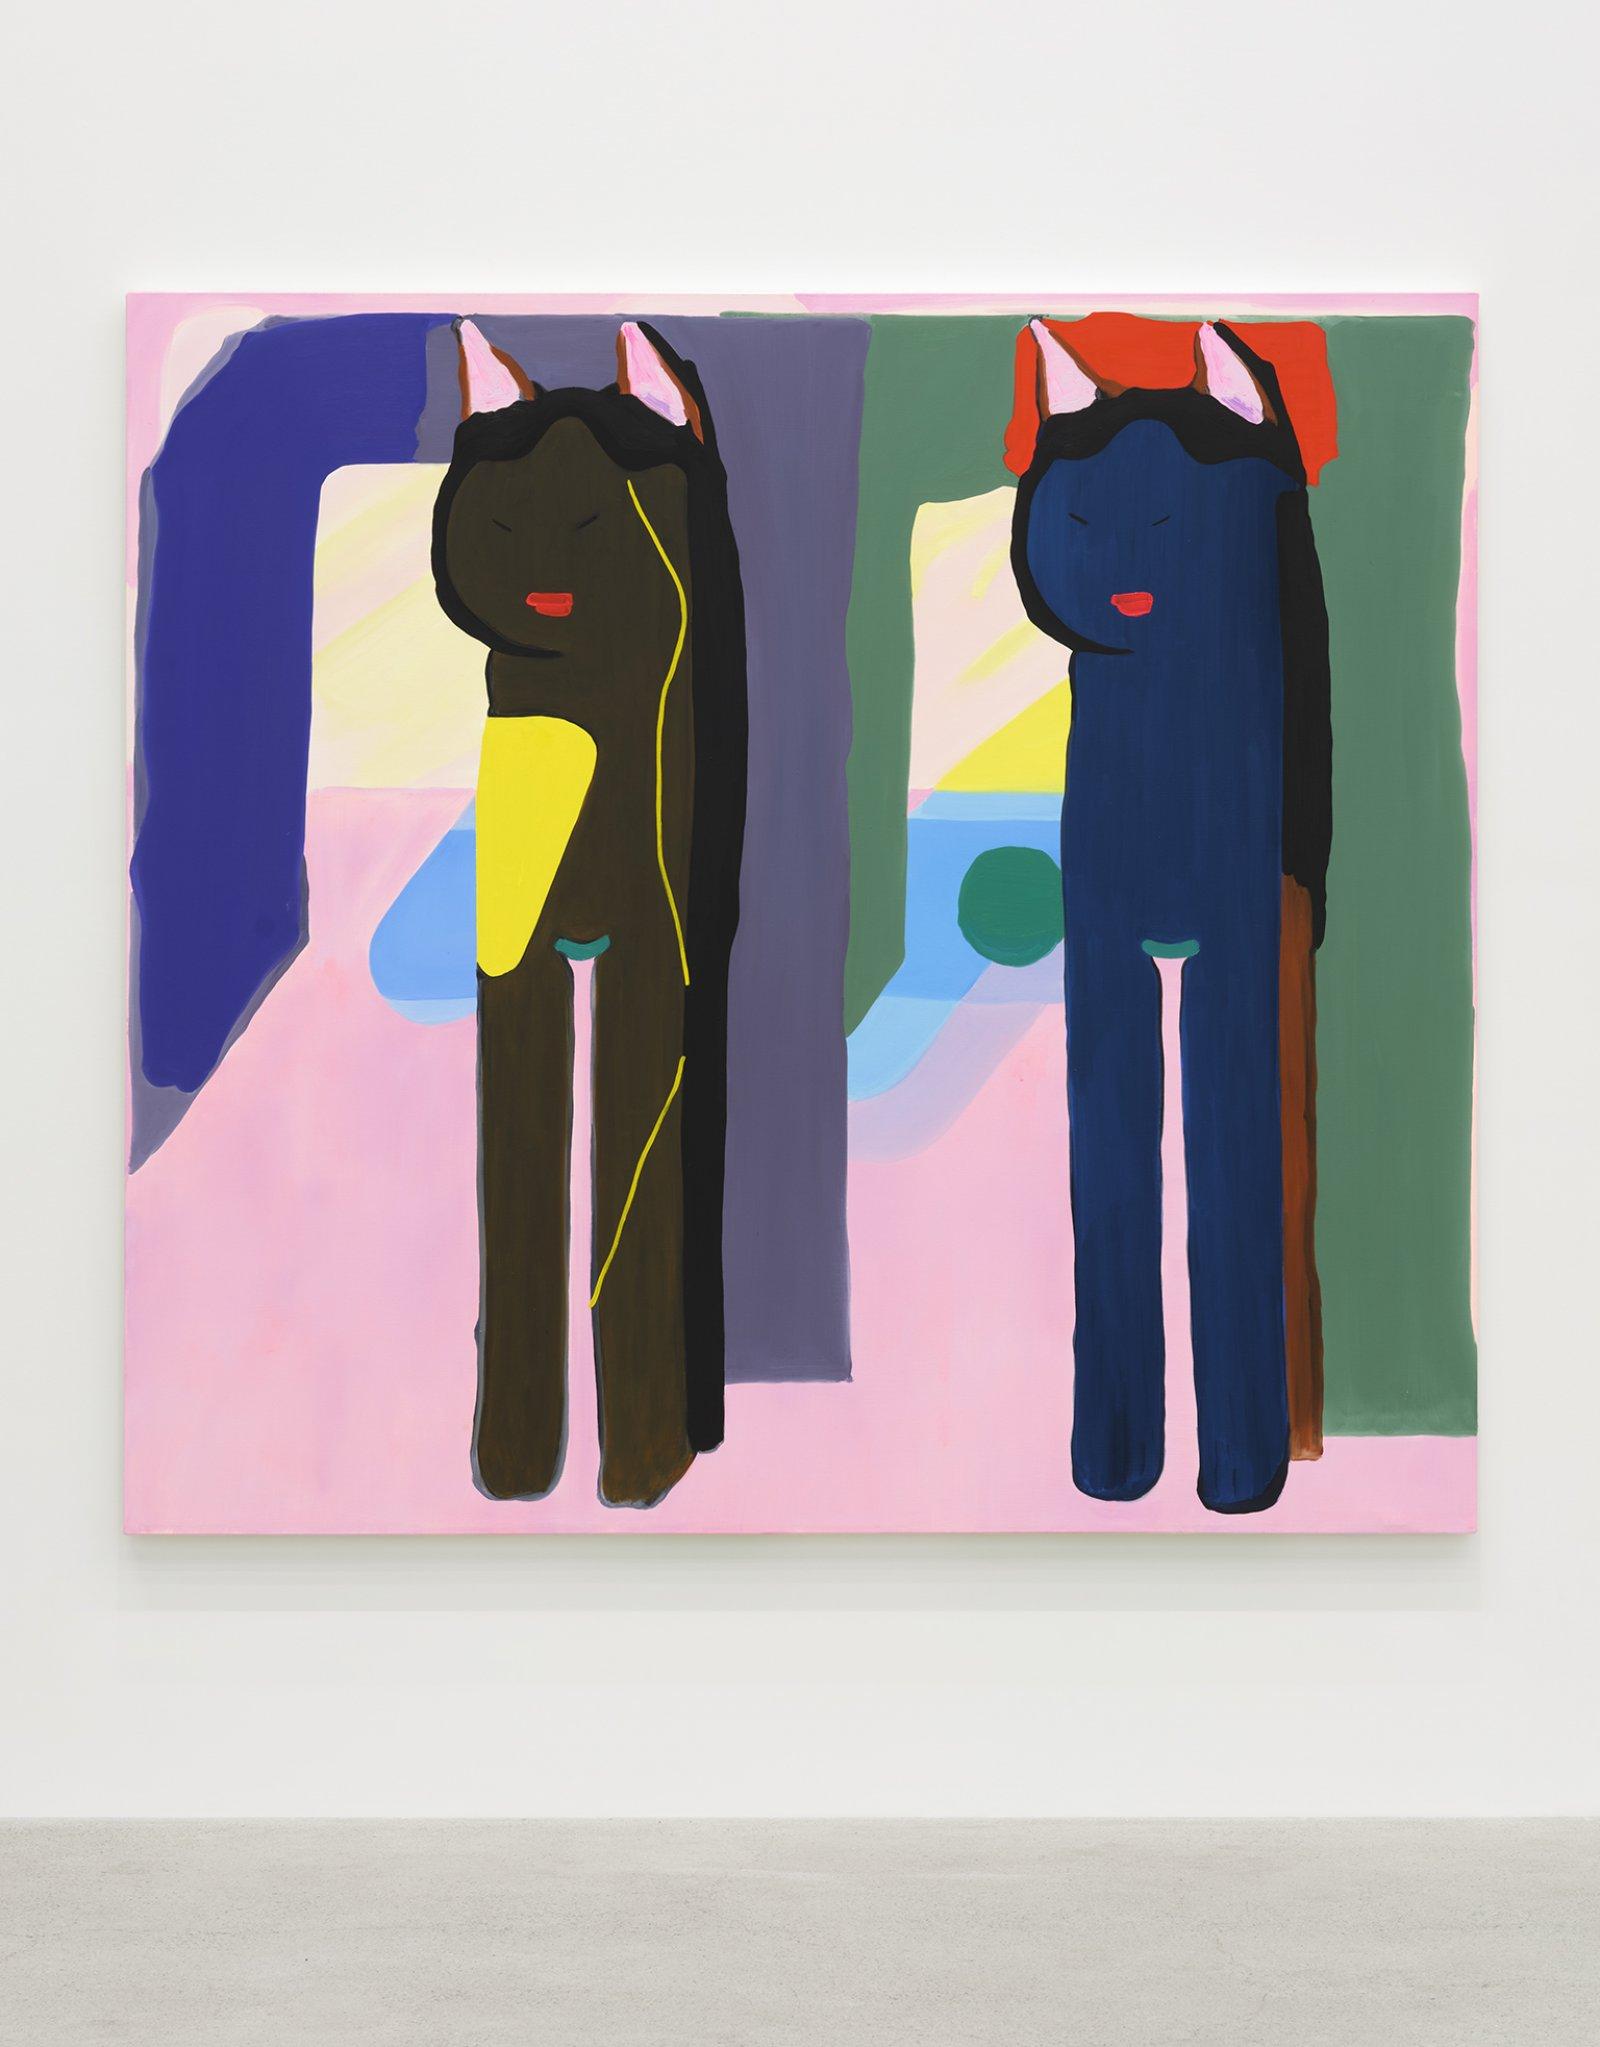 Elizabeth McIntosh, Cats, 2020, oil on canvas, 67 x 73 in. (170 x 185 cm) by Elizabeth McIntosh